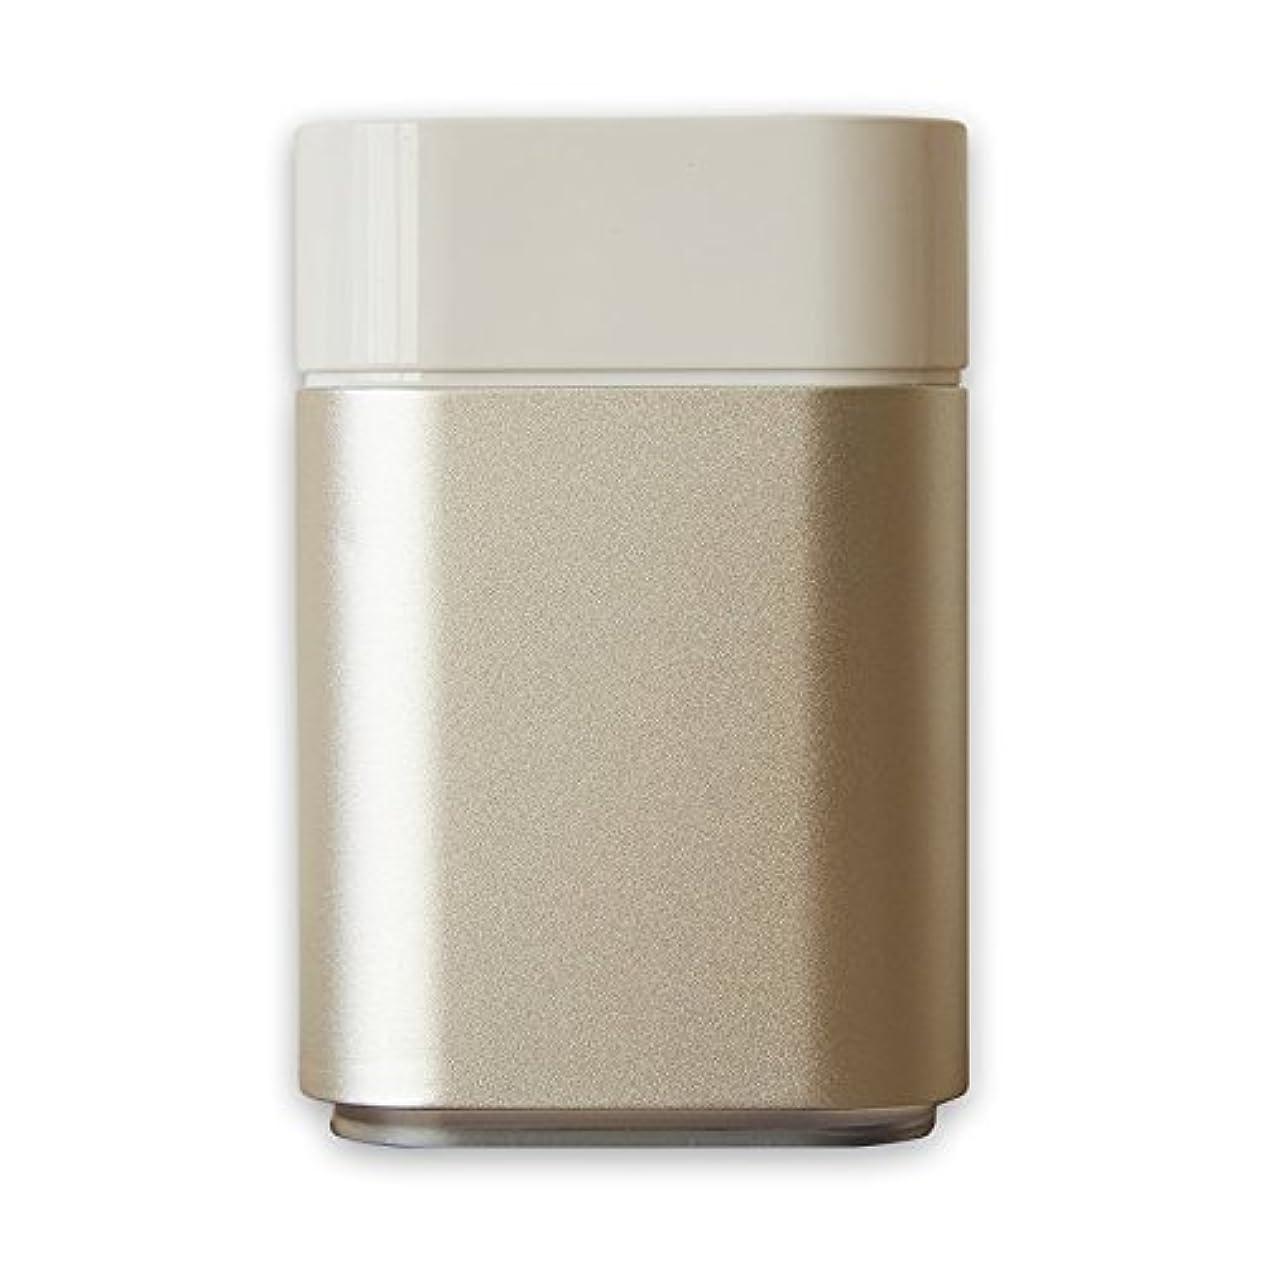 容器消える鉄アロマディフューザー UR-AROMA04 卓上 小型 Uruon(ウルオン)水を使わない アロマ ネブライザー式 水なし ダイレクトオイル 製油瓶直噴式 超音波式 USB 卓上 油性 水性 静音 アロマオイル